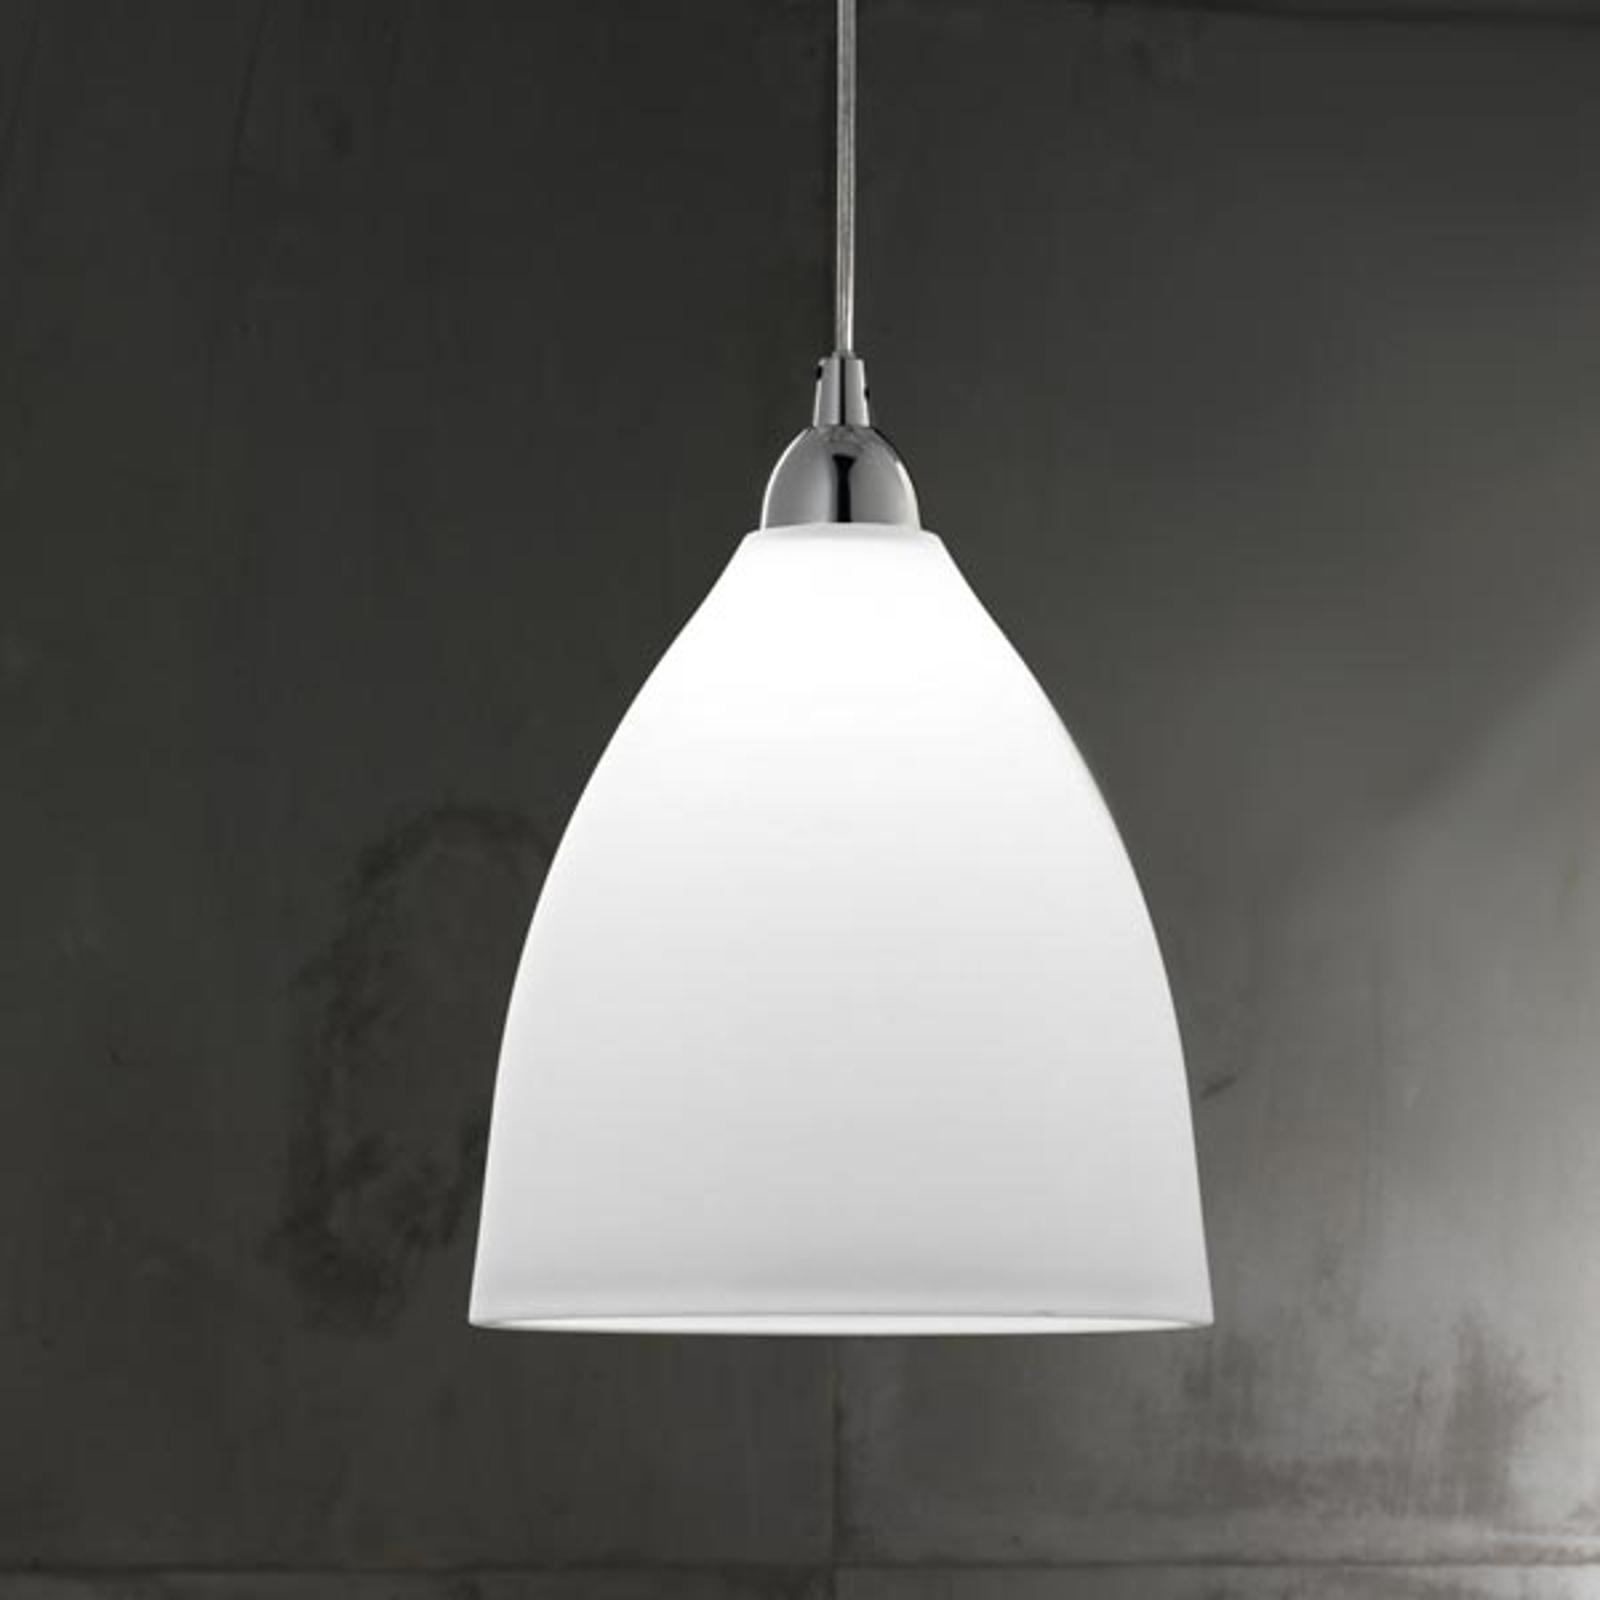 Szklana lampa wisząca PROVENZA, 20 cm, biała